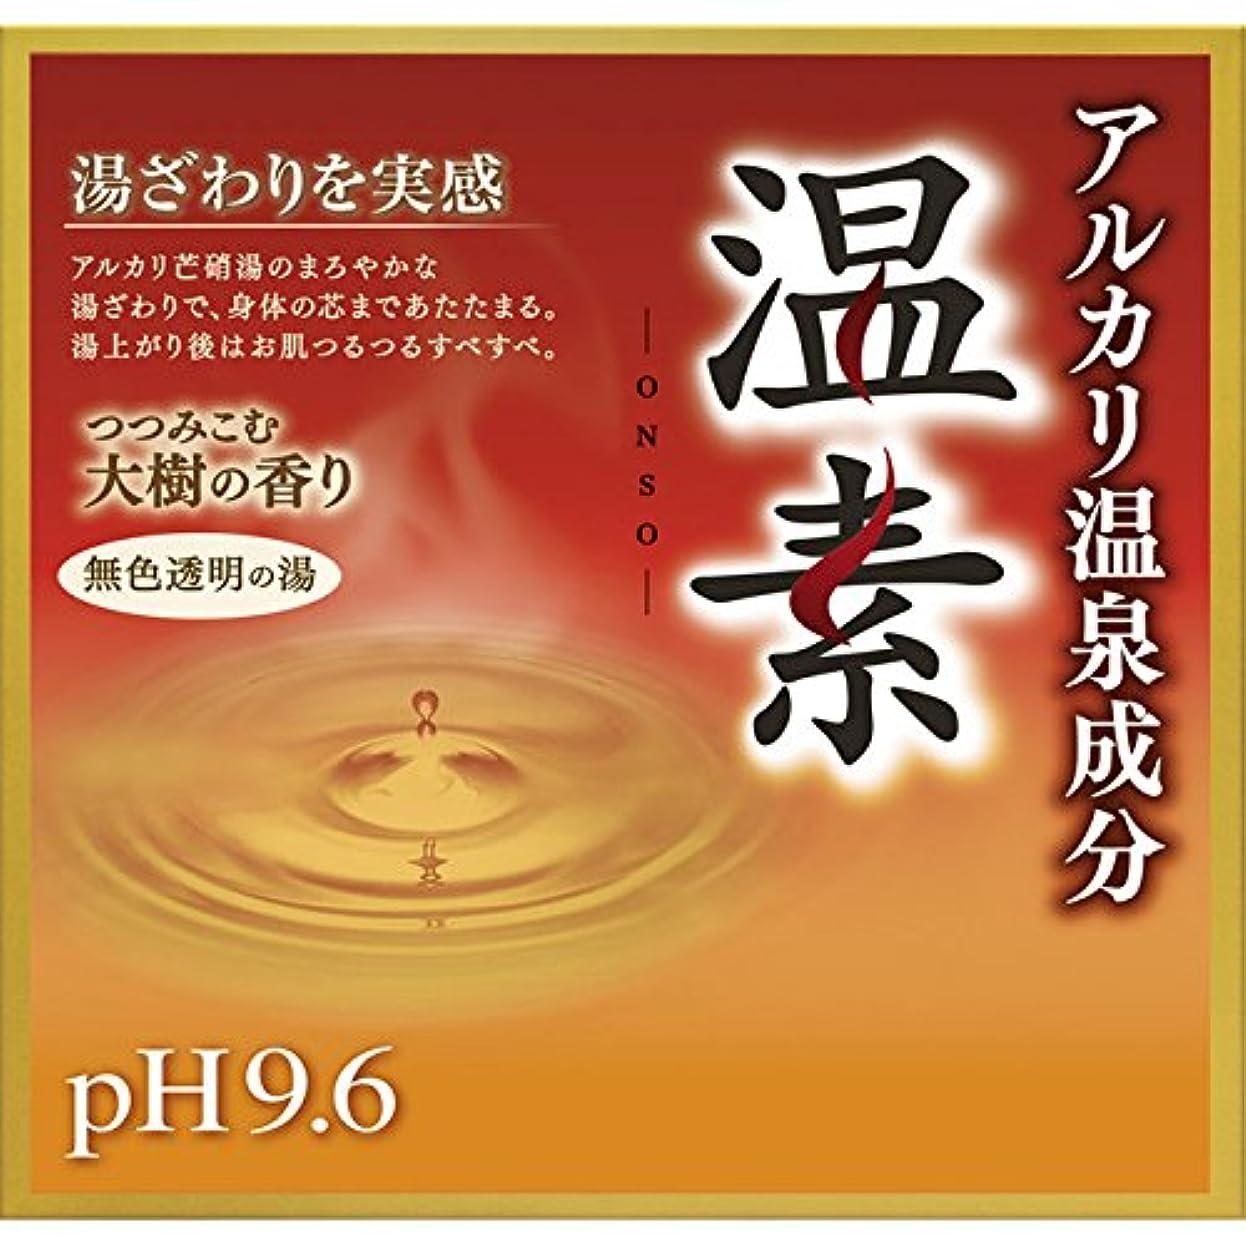 アース製薬 アルカリ温泉成分 温素 30g×15包